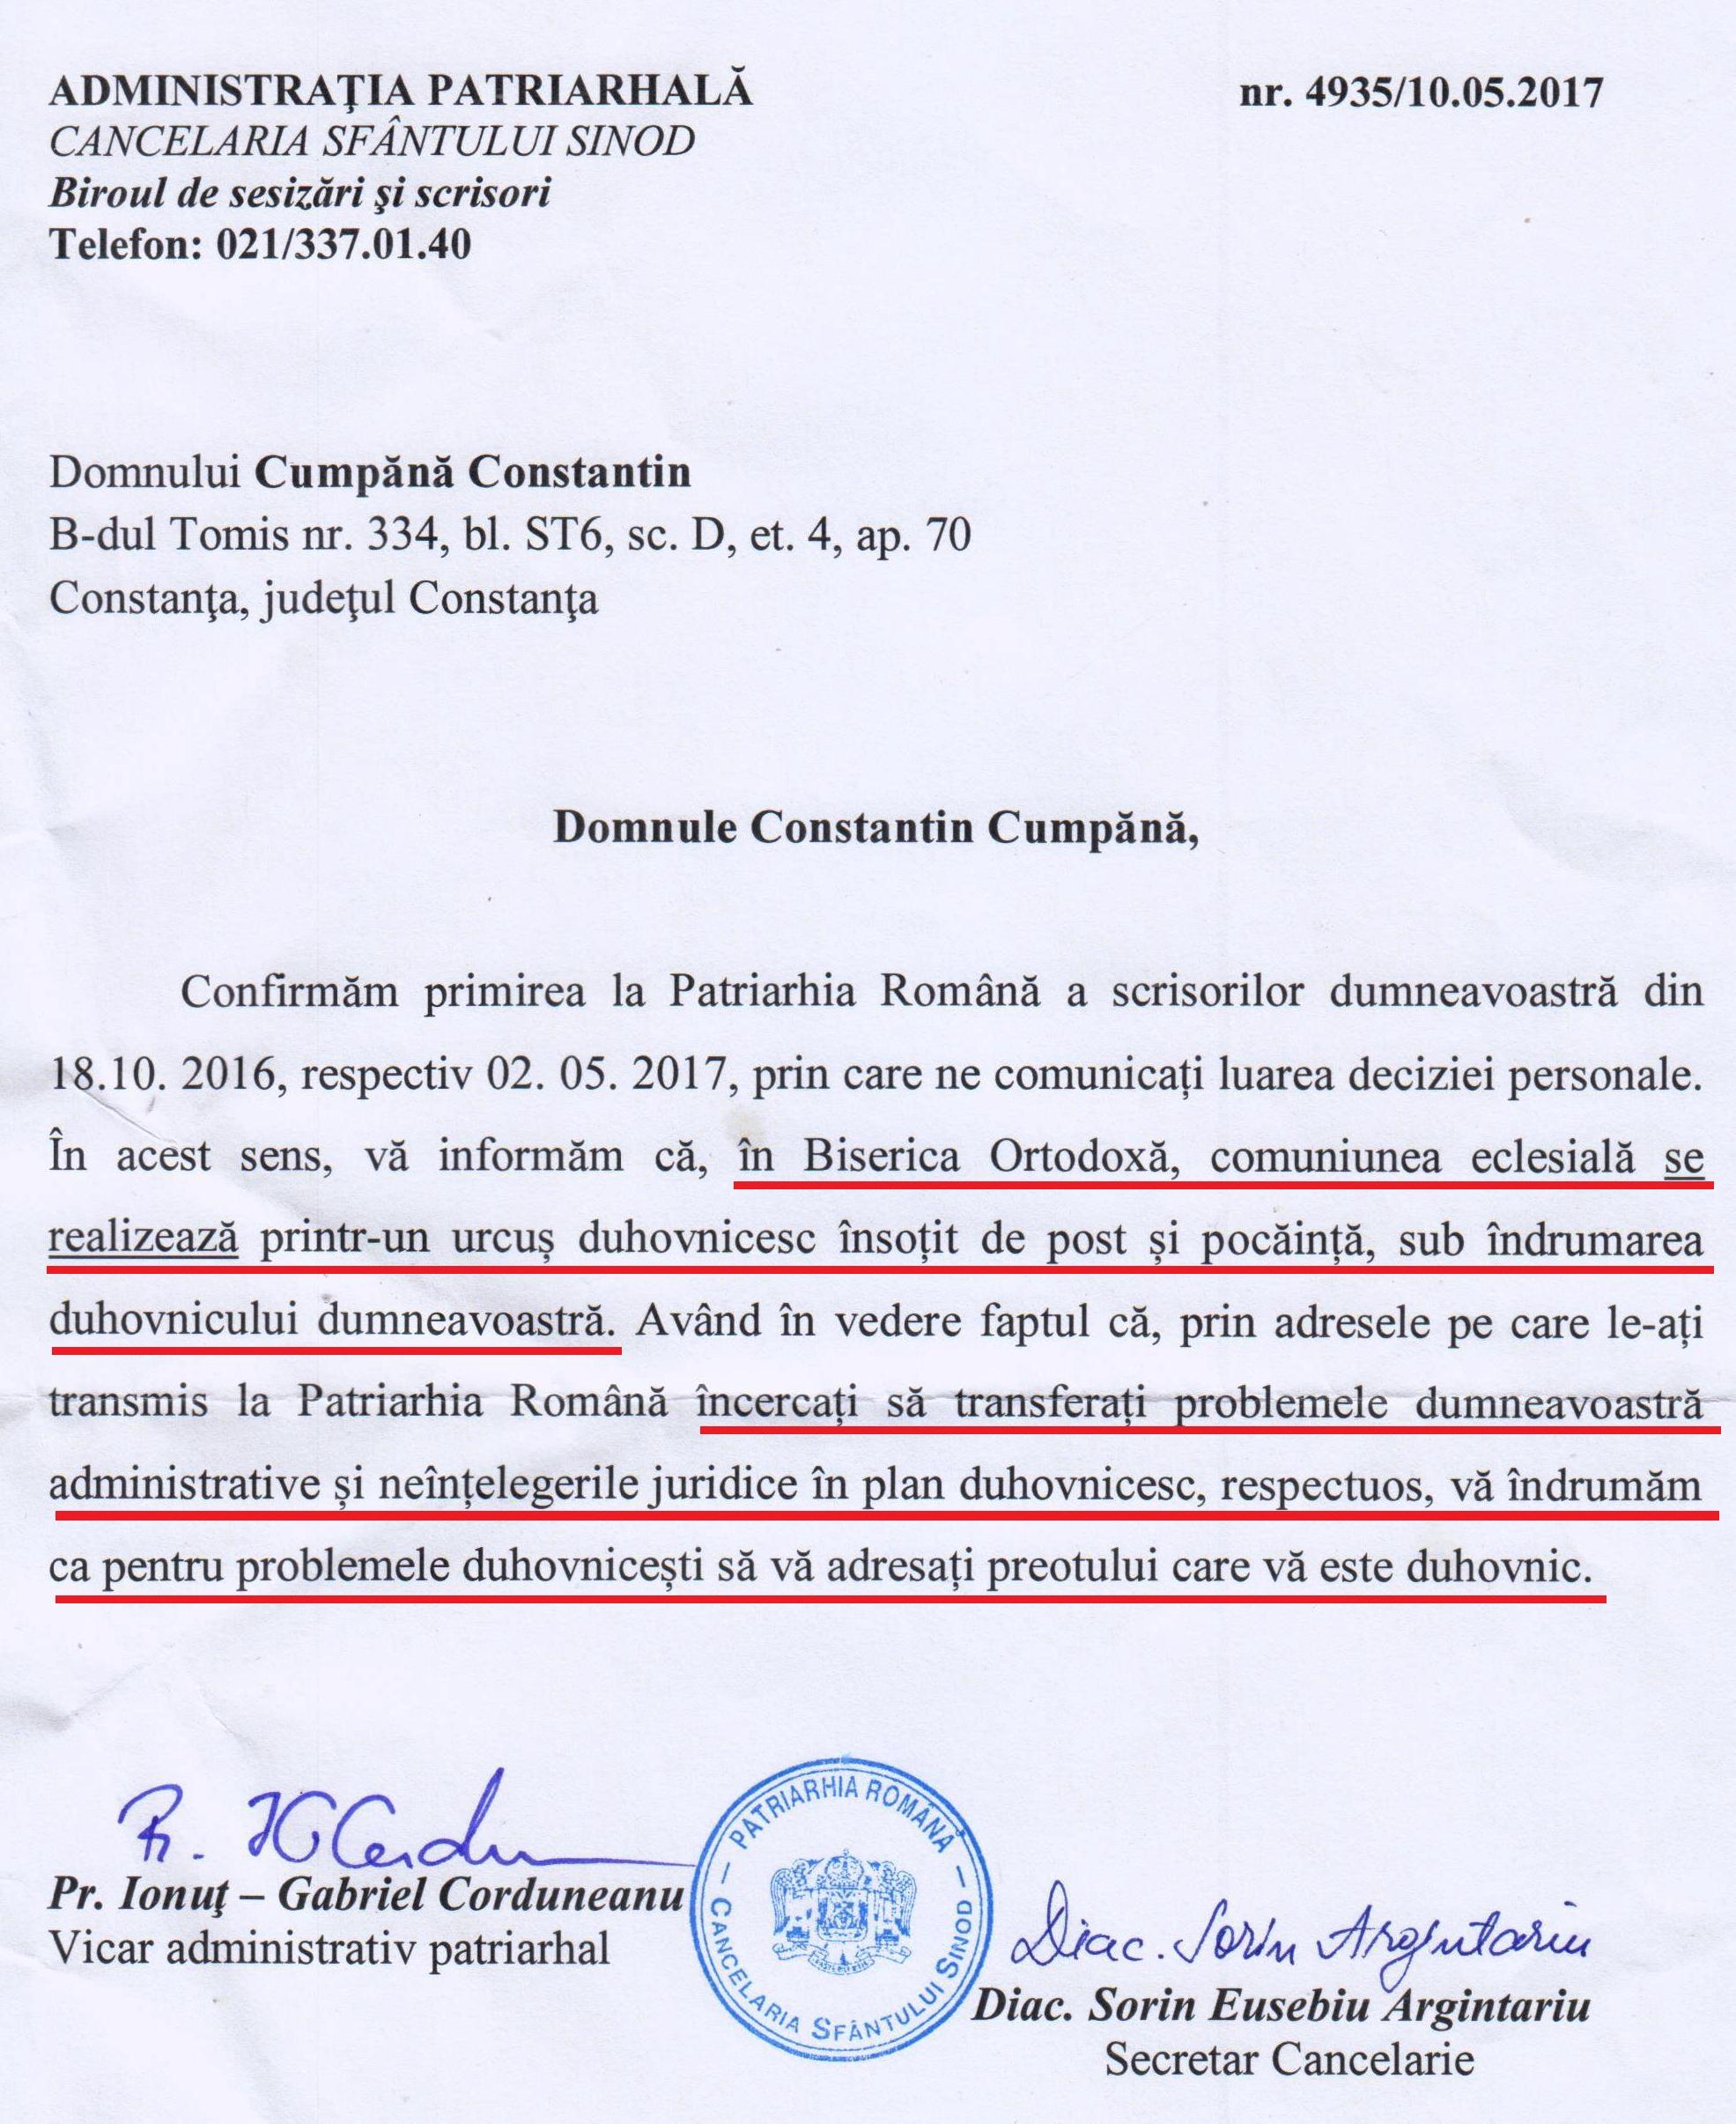 Răspuns primit de la Cancelaria Patriarhală.